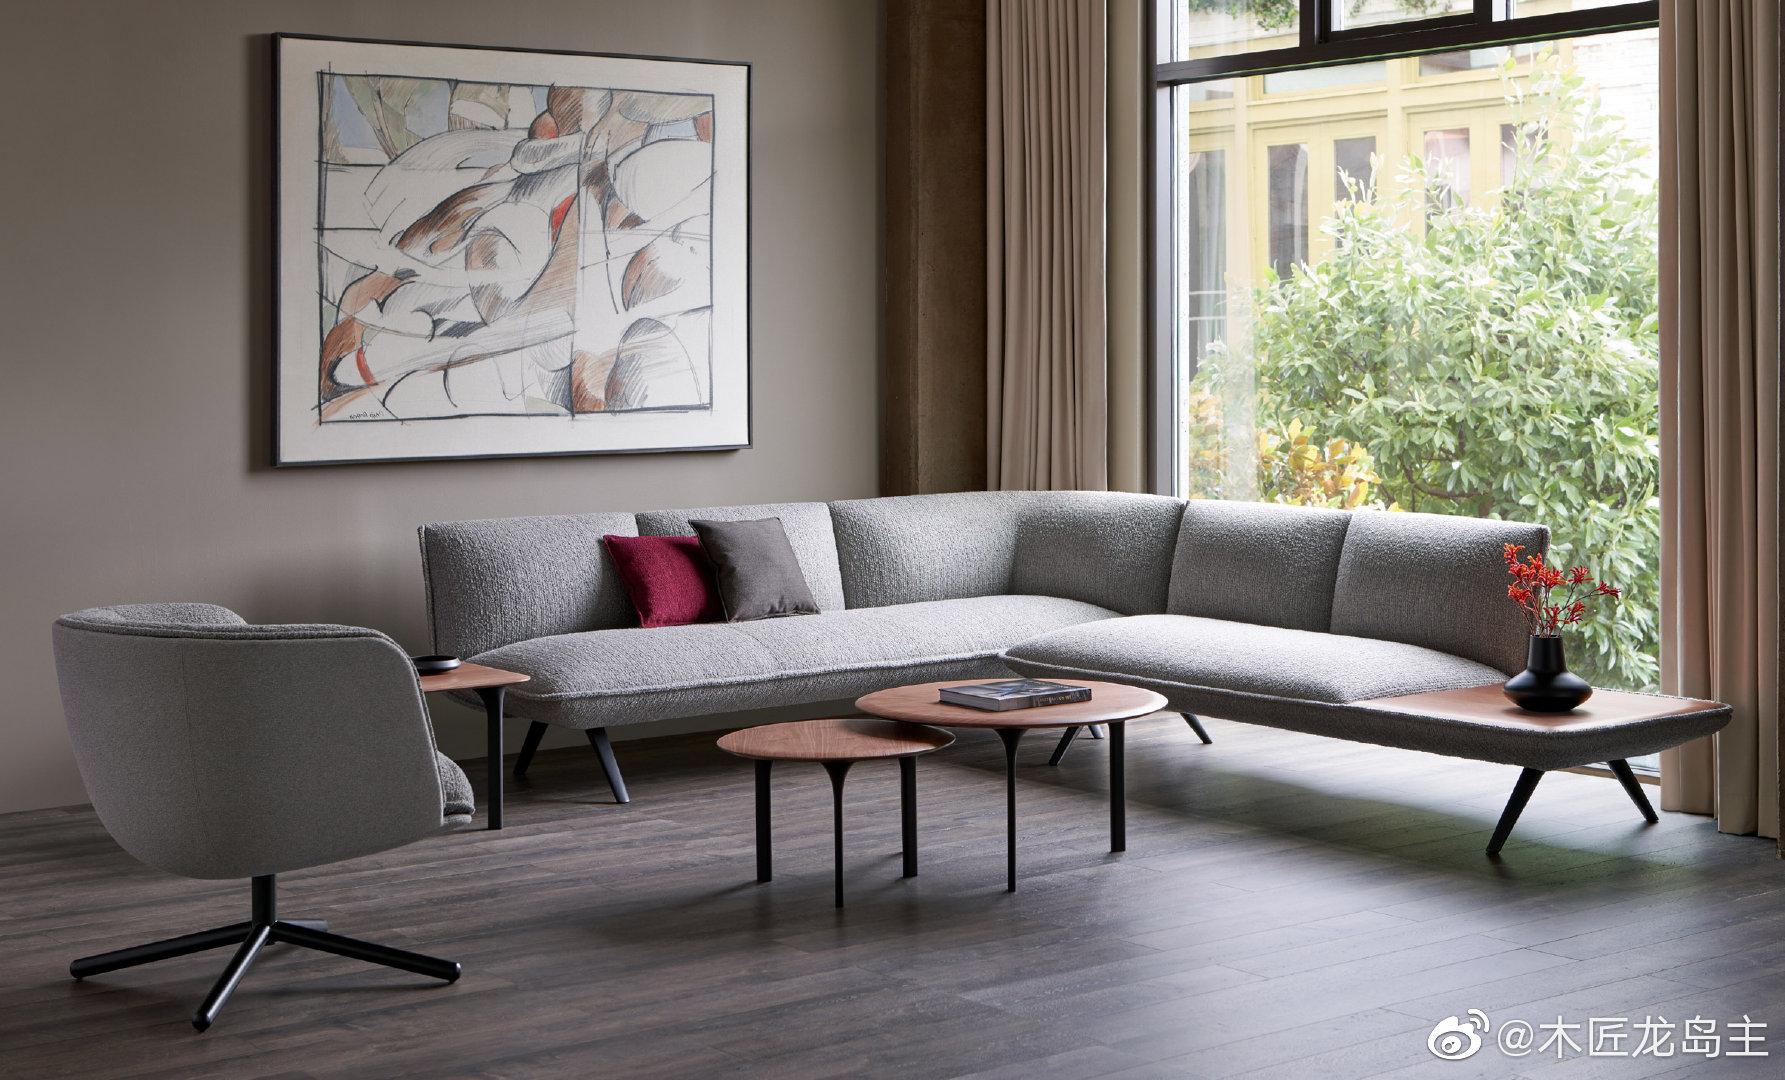 卢卡·尼切托设计模块化家具